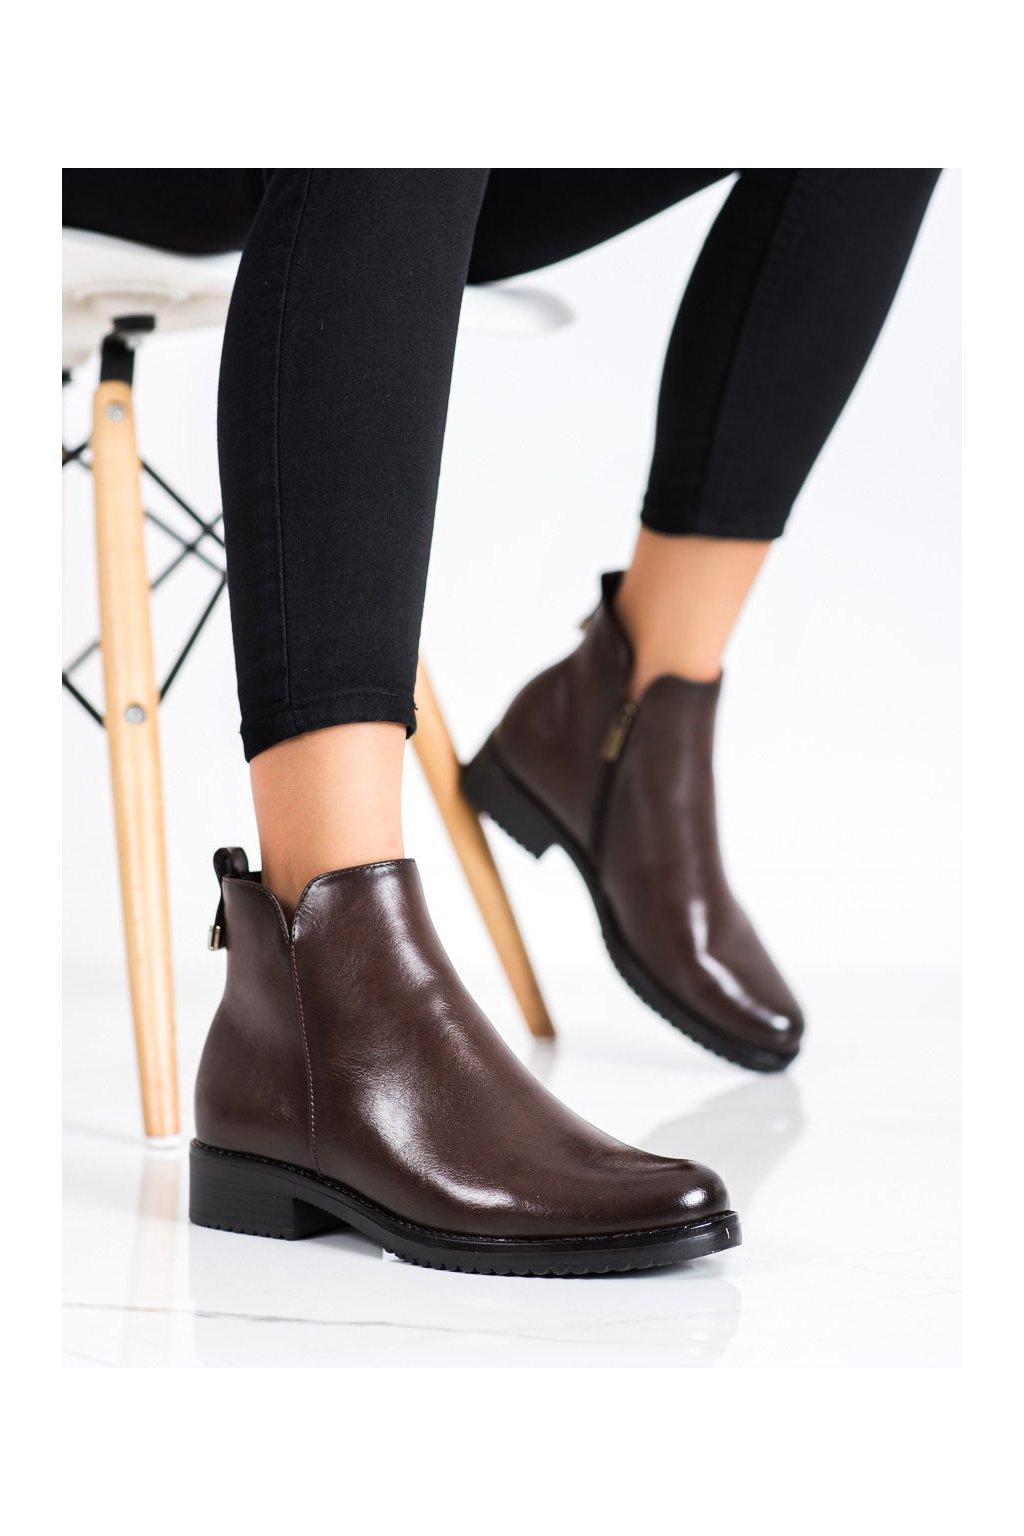 Hnedé dámske topánky Vinceza kod XY22-10669BR